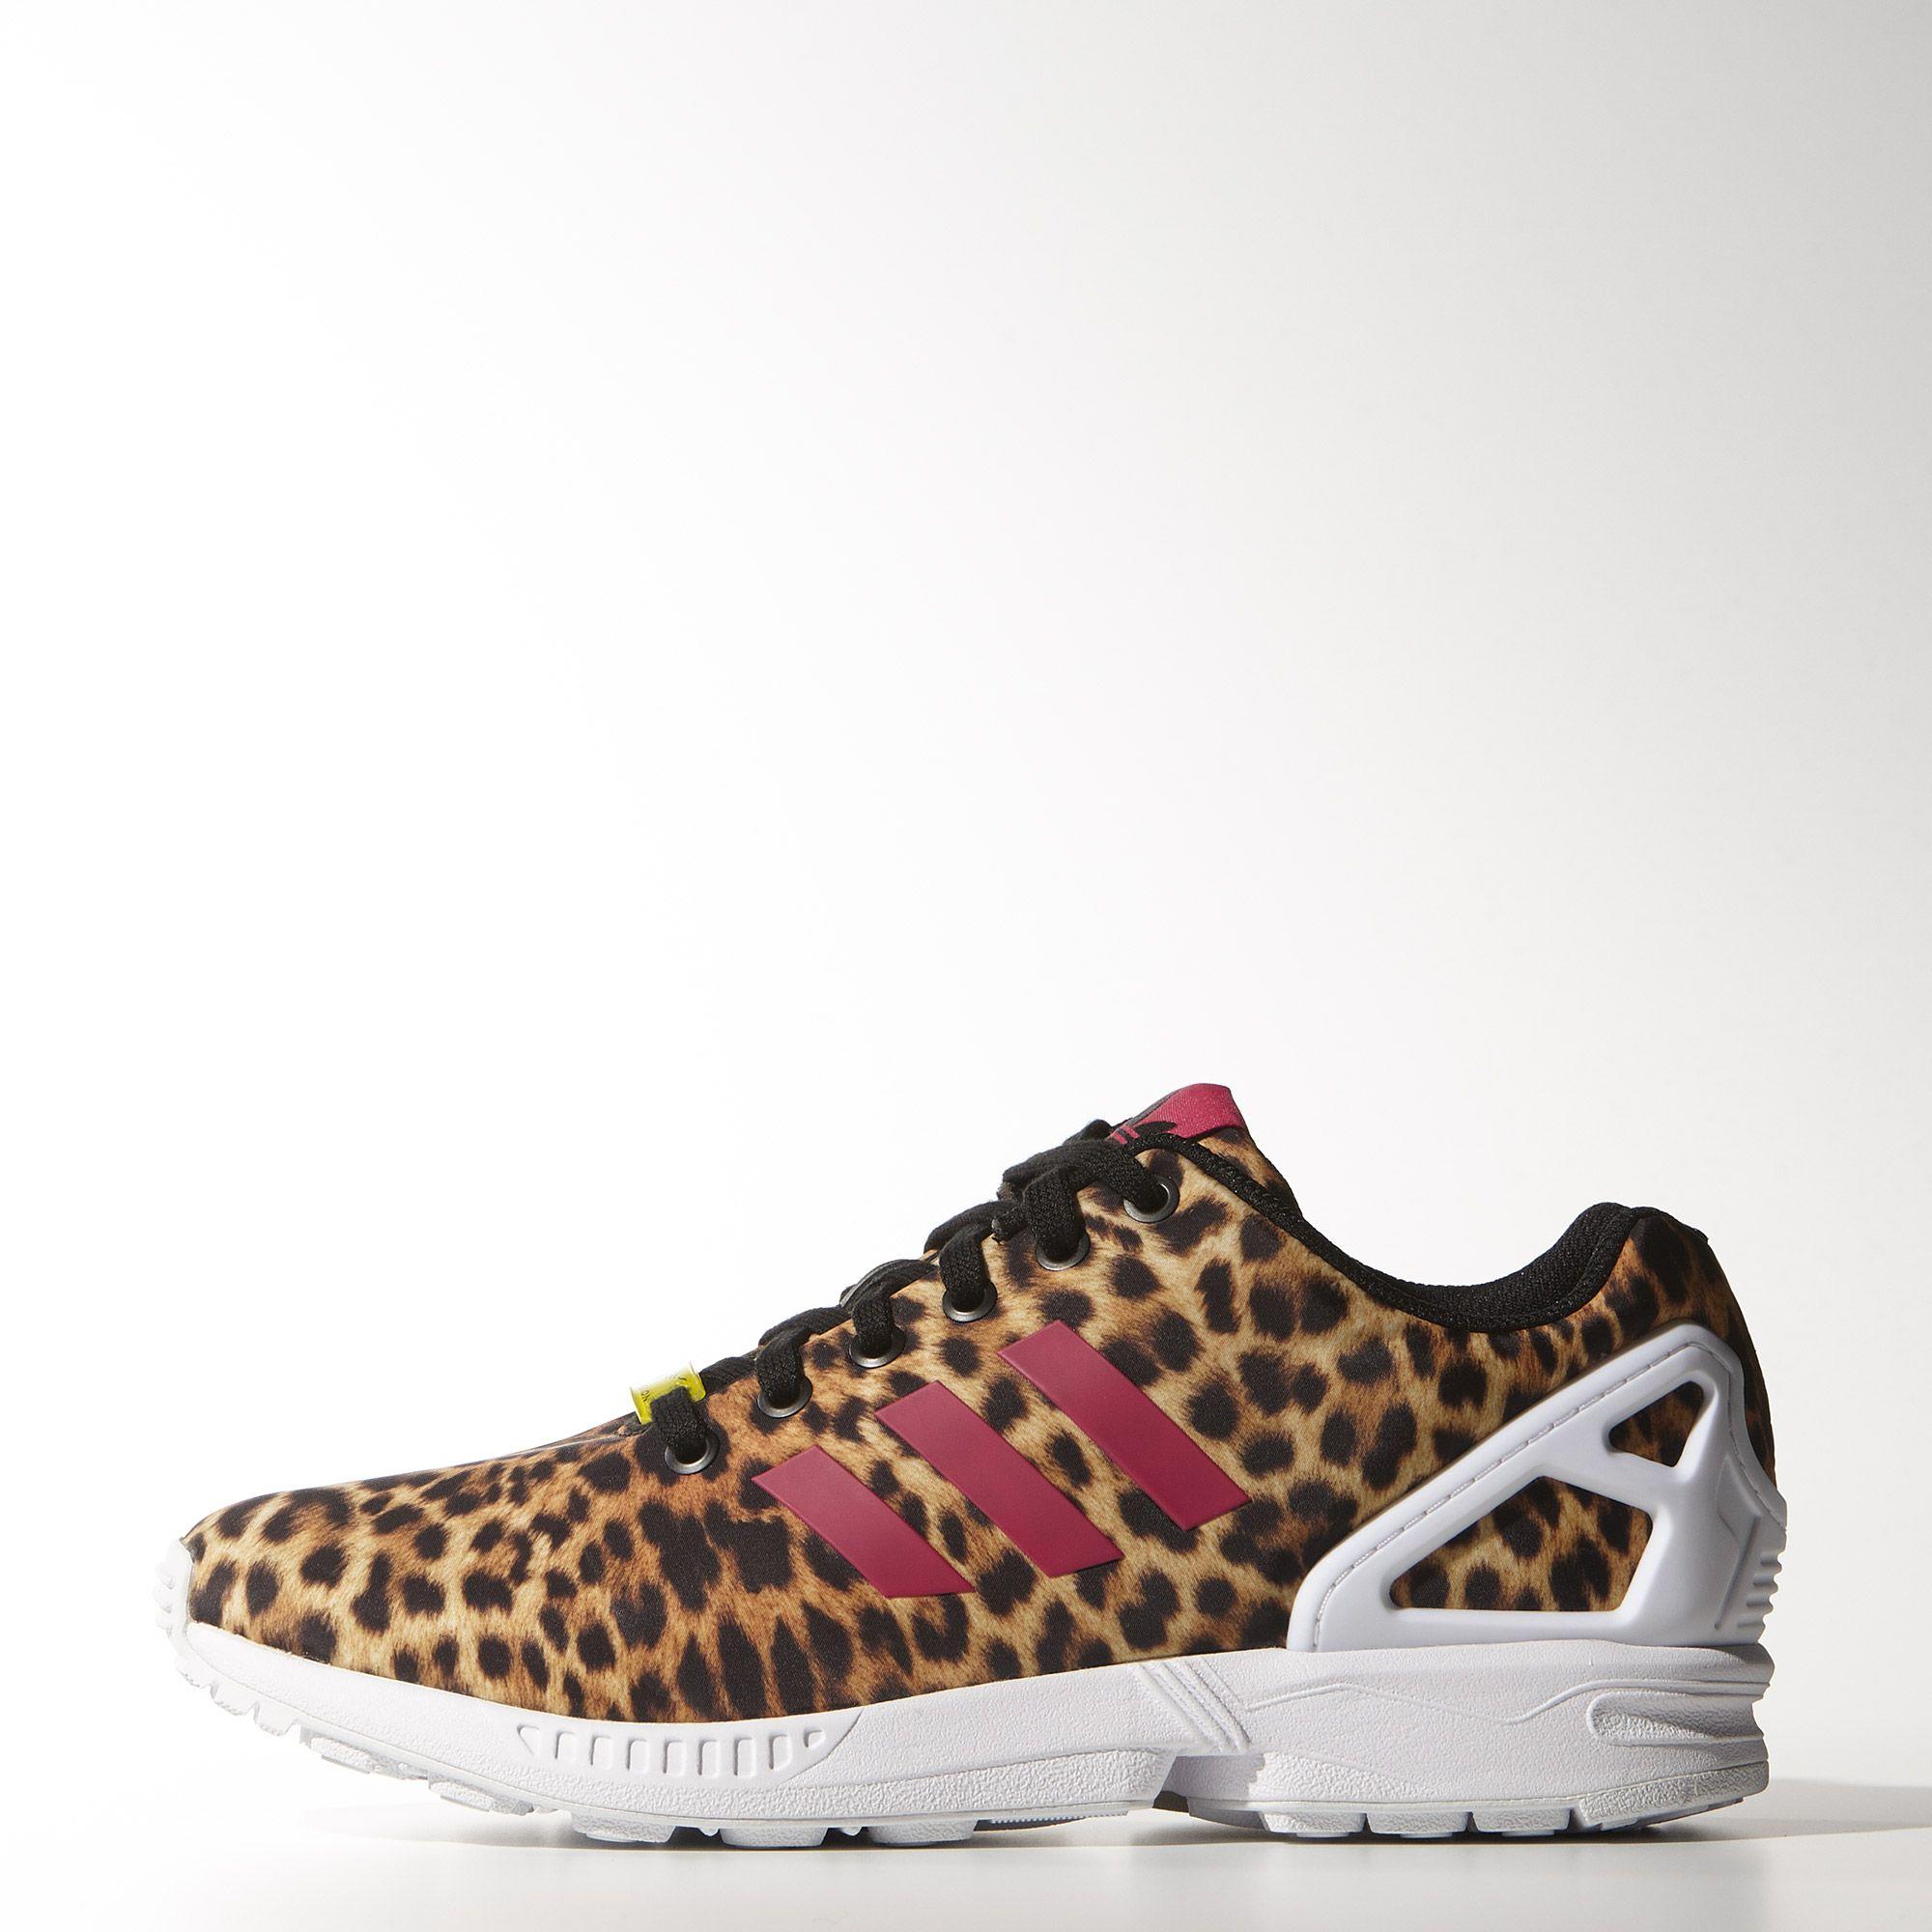 zapatillas adidas leopardo 2014